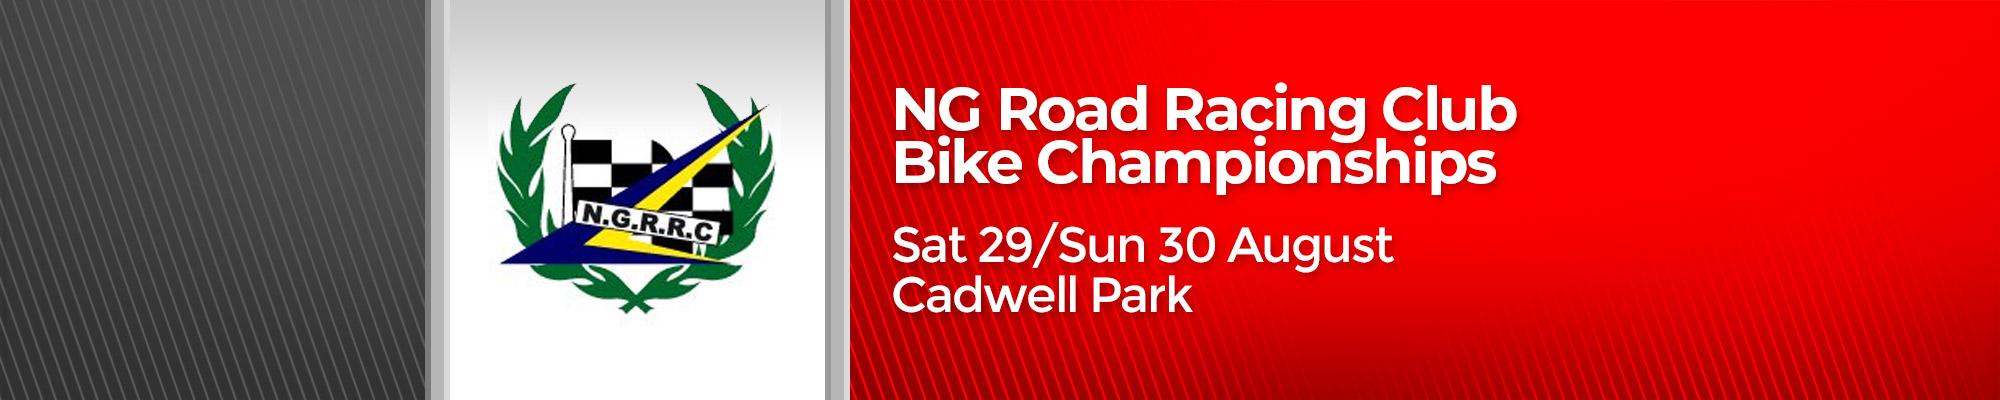 NG Road Racing Bike Championships